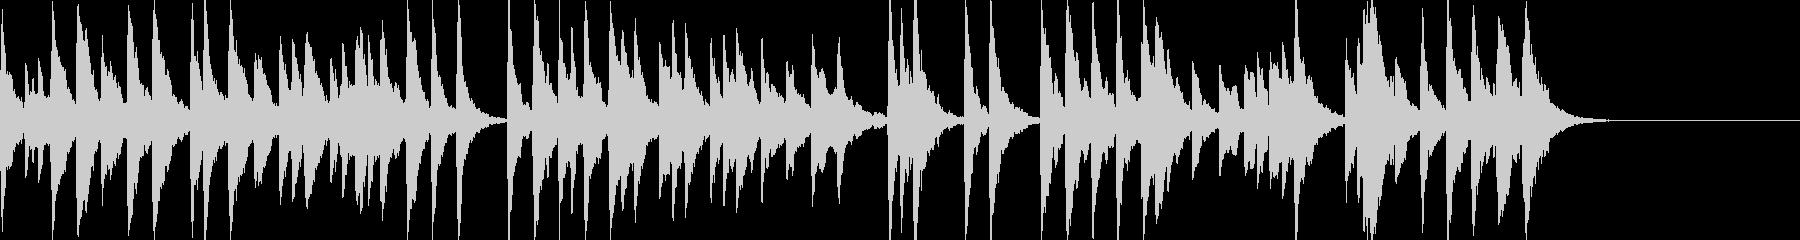 「スカボローフェア」オルゴールbpm86の未再生の波形